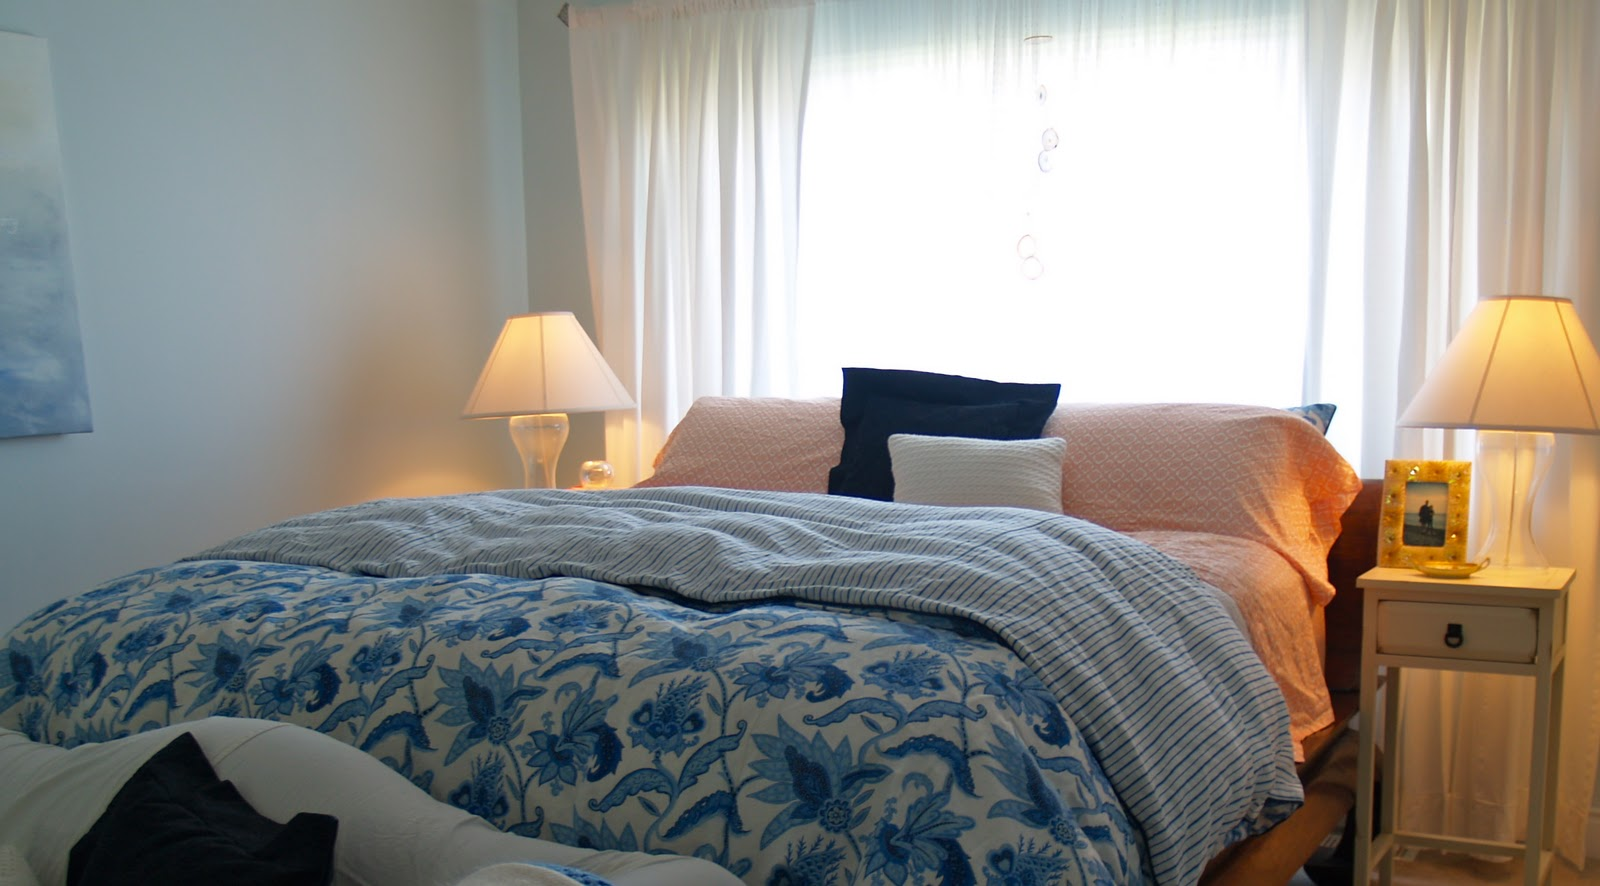 Lovely Living Rooms Lamps #1: PA115998.JPG